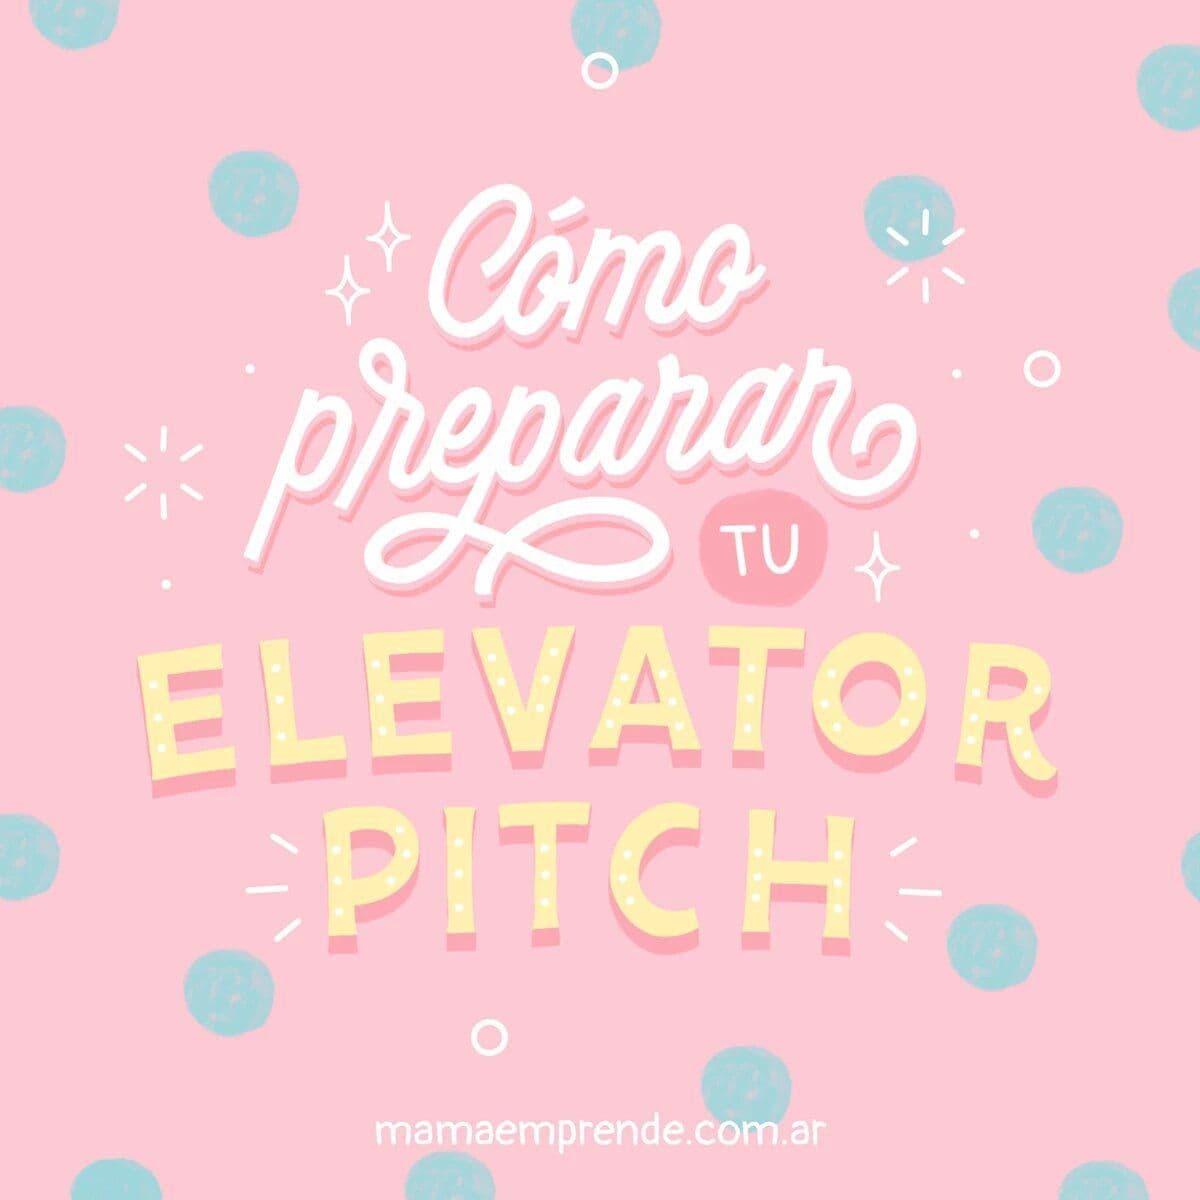 ¿Cómo preparar tu elevator pitch?